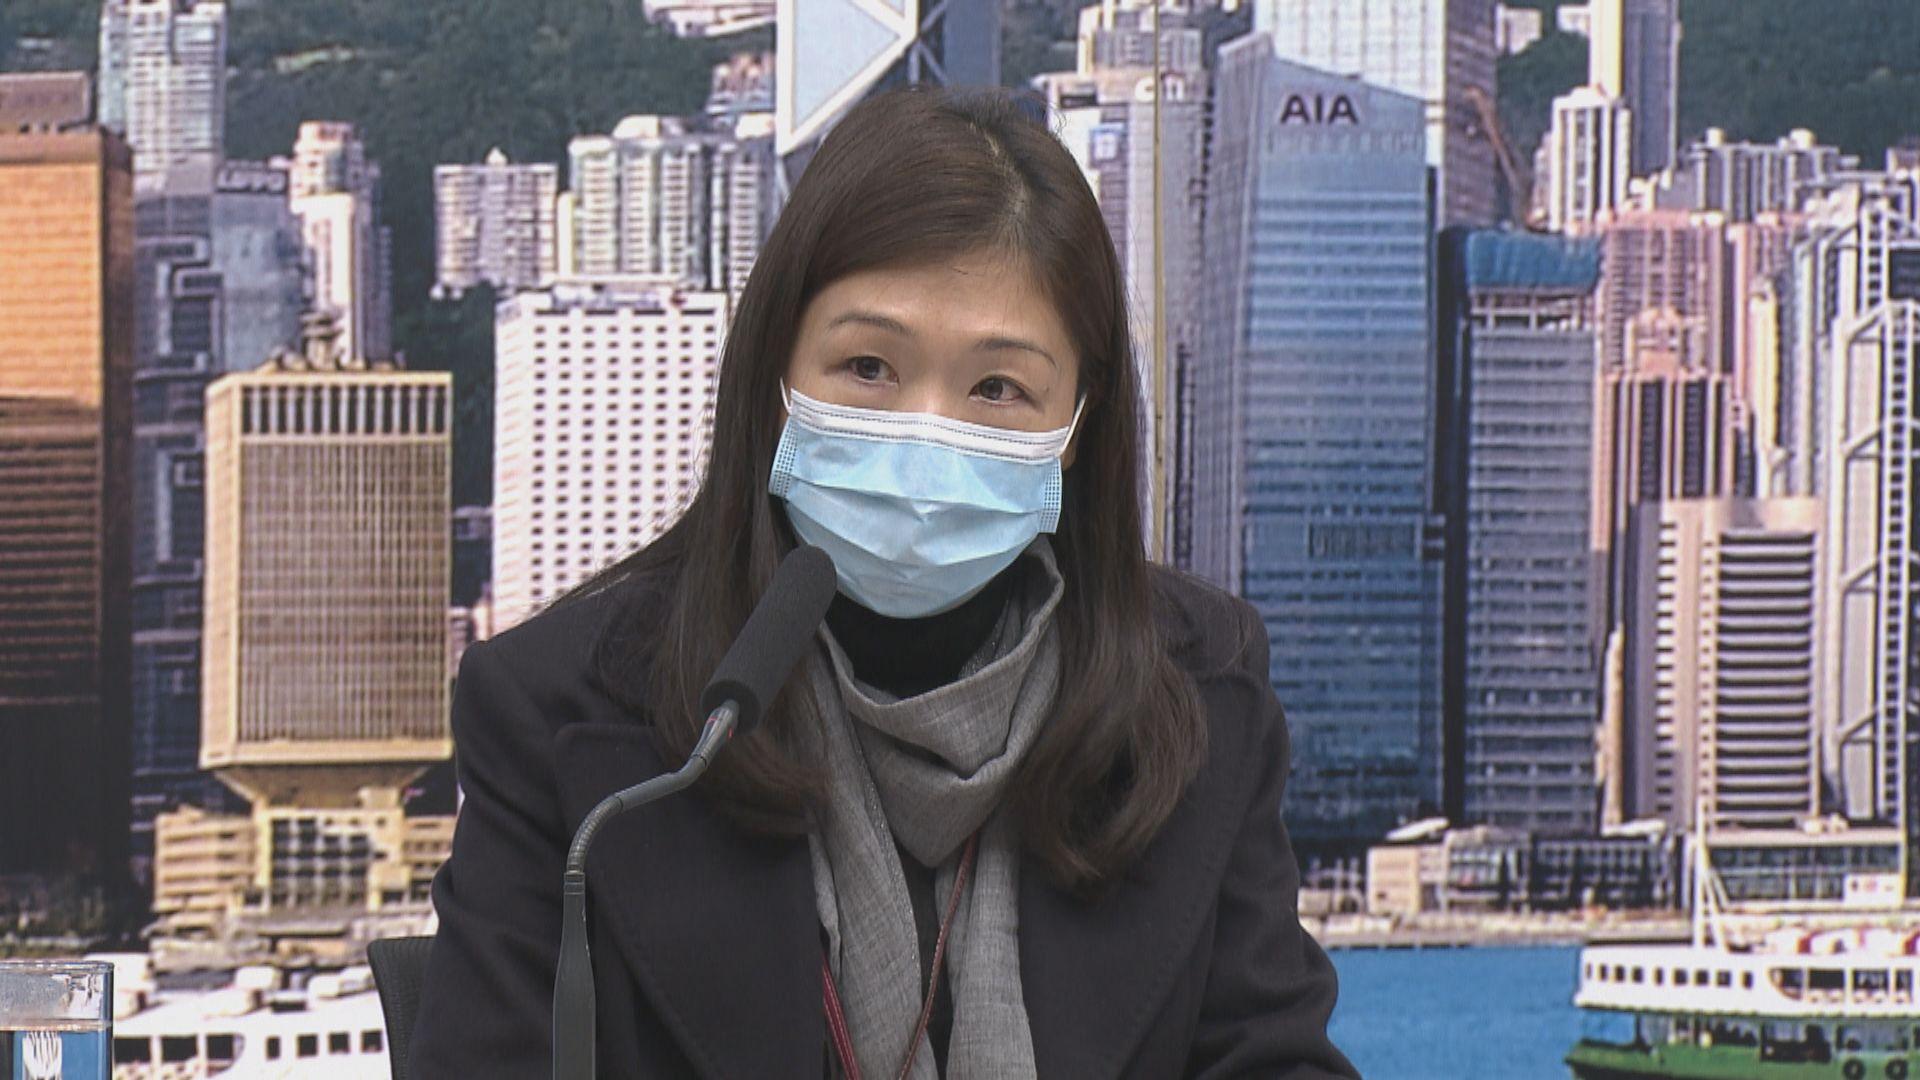 醫管局:外科口罩存量1600萬個 少量訂貨分批抵港